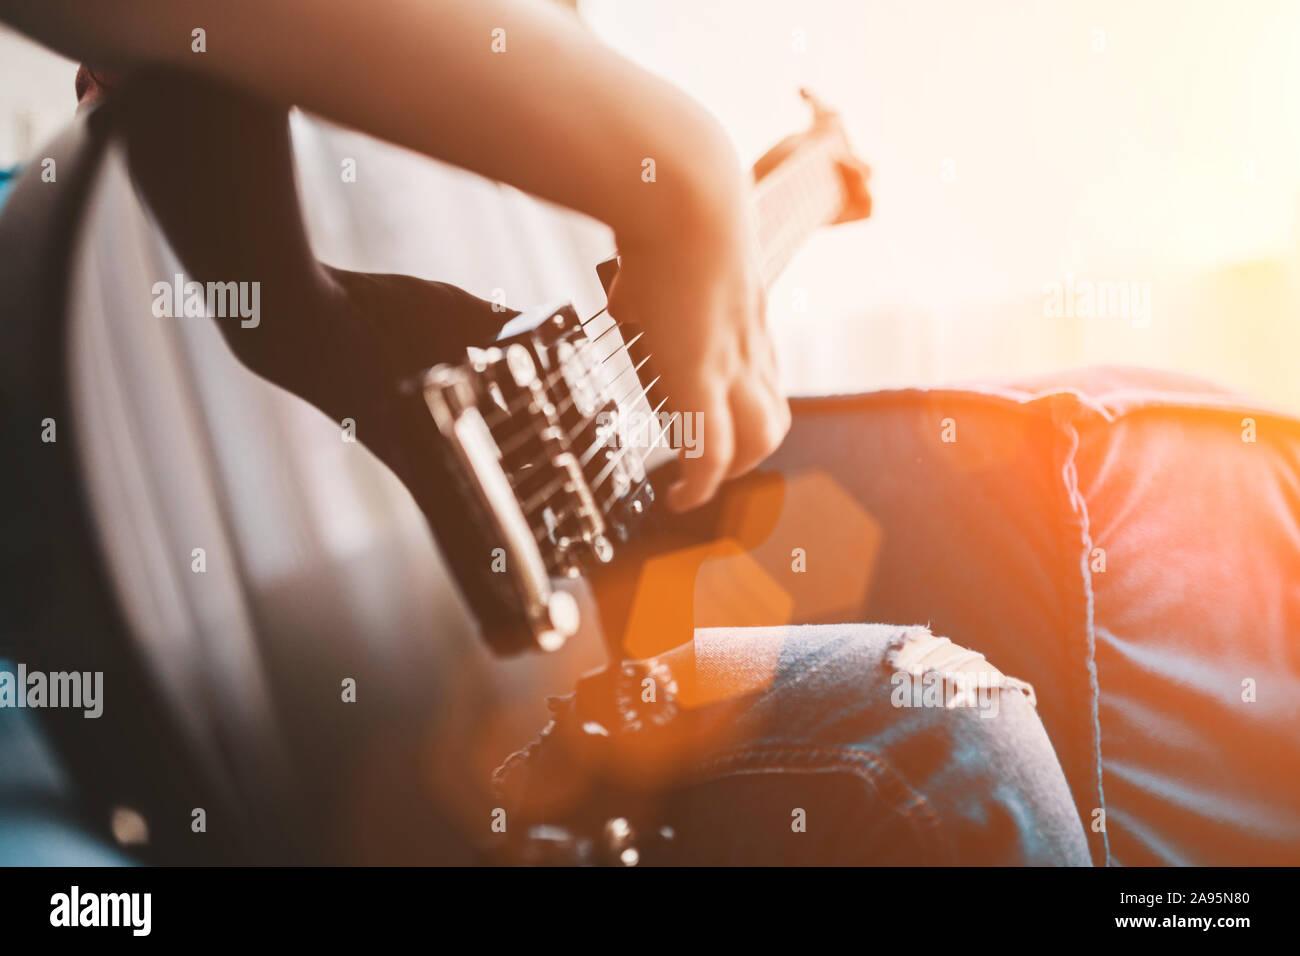 Primer plano de un niño tocando una guitarra eléctrica negra - la mano golpea las cuerdas Foto de stock